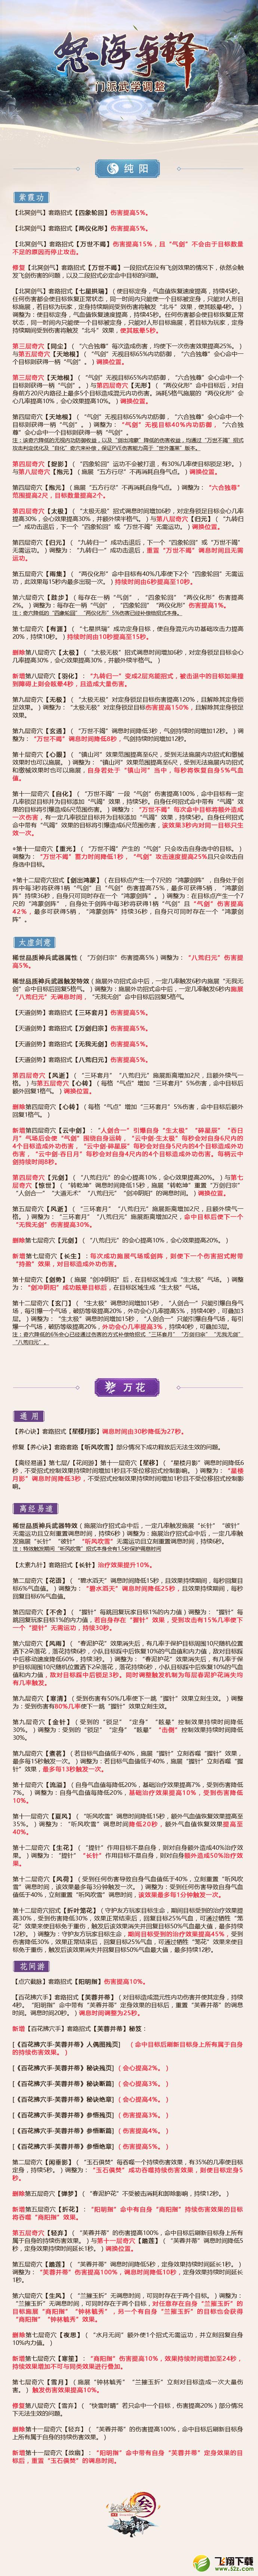 剑网3怒海争锋新版本正式服全门派技改汇总_52z.com